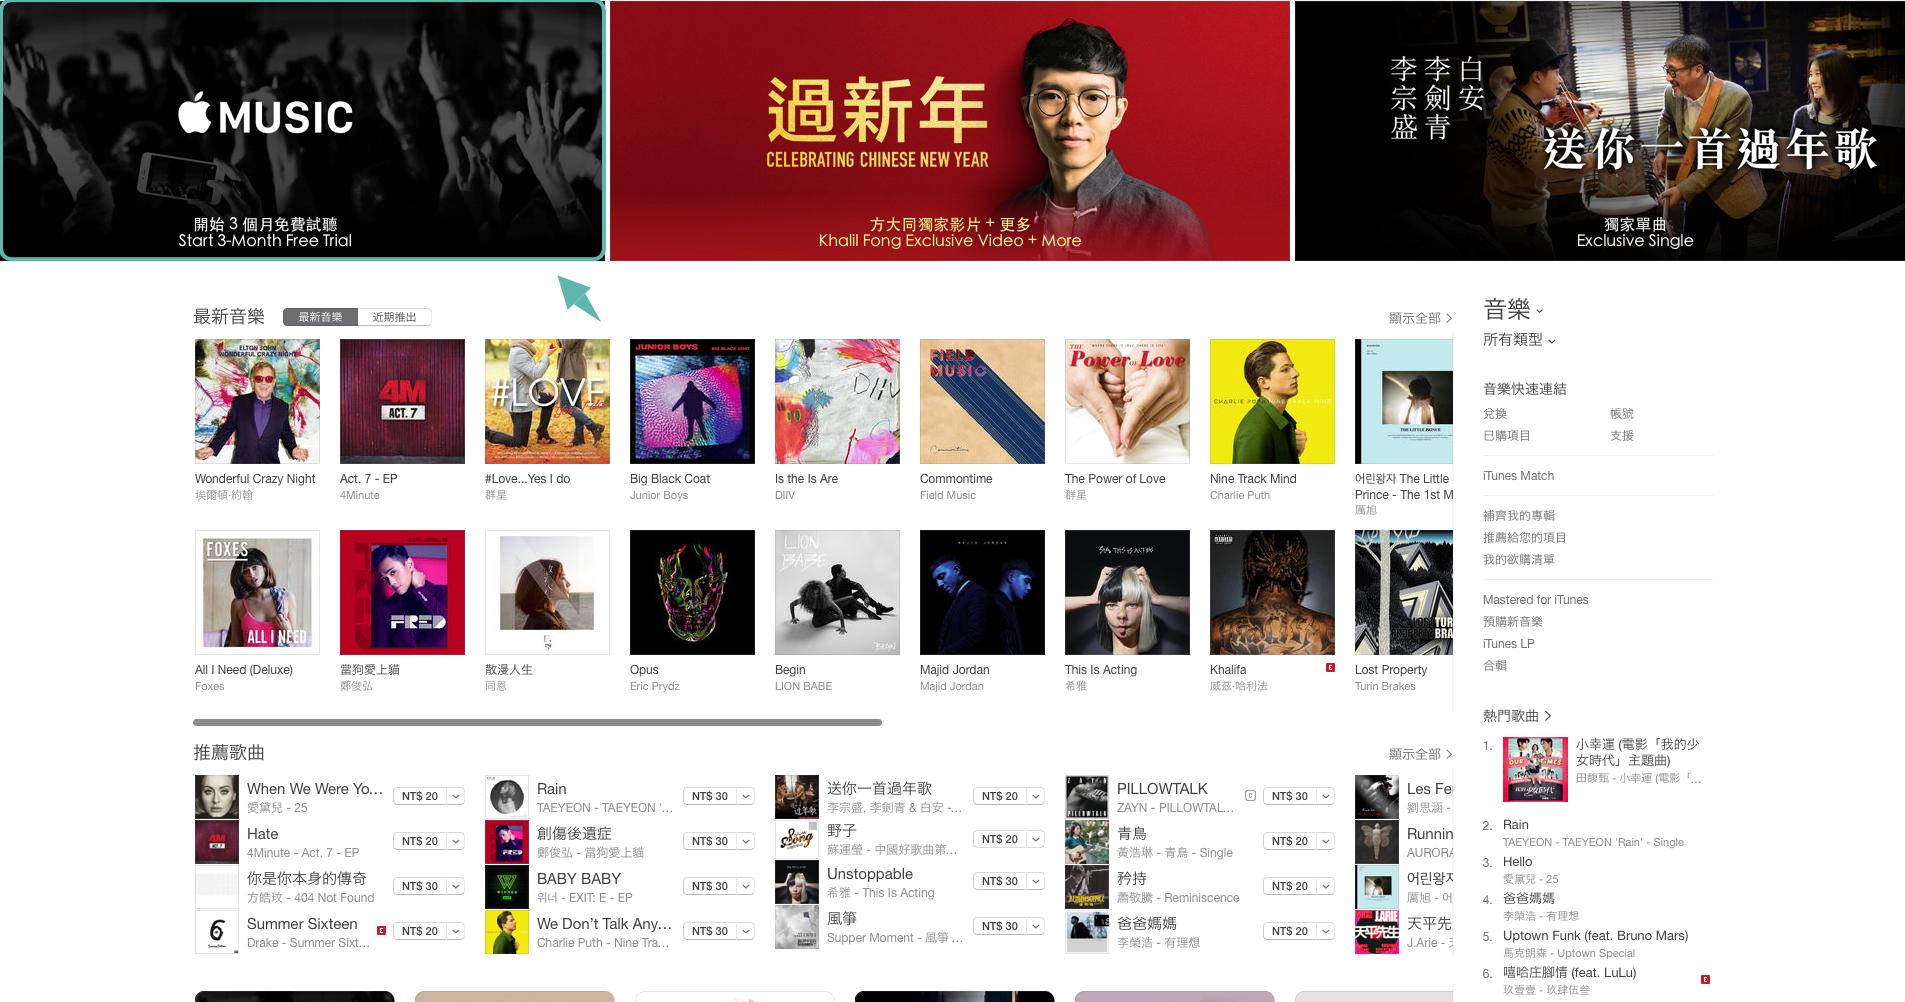 在 iTunes 的 Music 首頁你會看到 Apple Music 的三個月免費試用廣告。